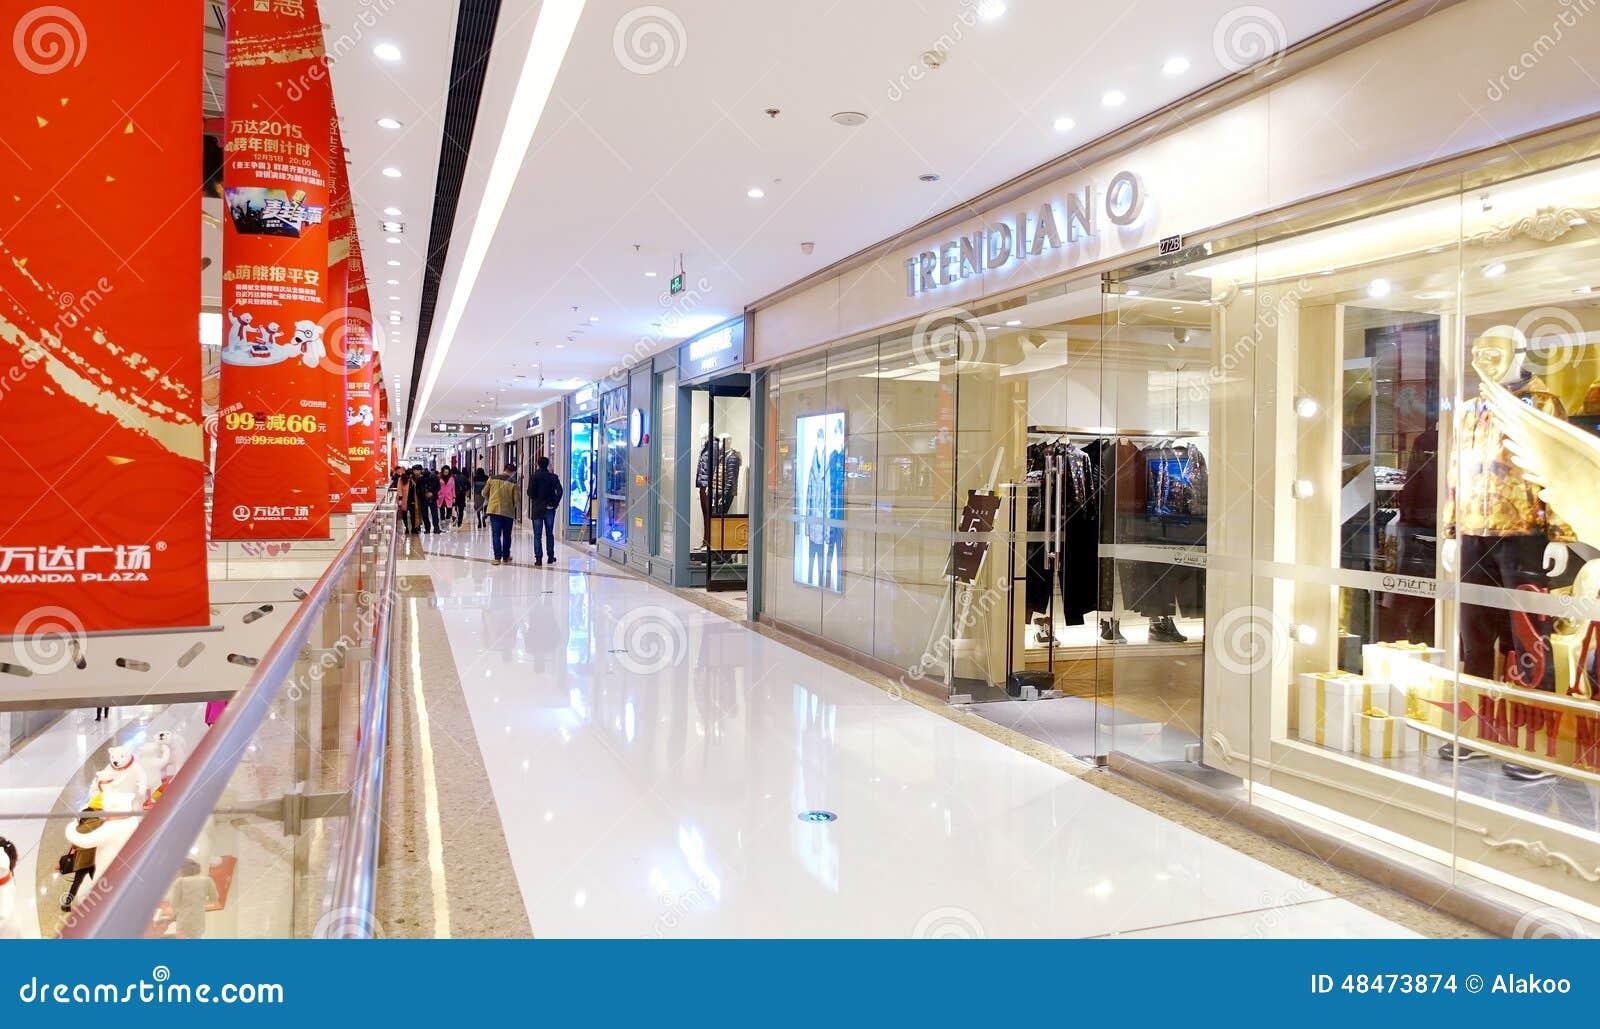 Ventana de la tienda en la alameda de compras de la ciudad, interior del centro comercial moderno con la ventana de exhibición de